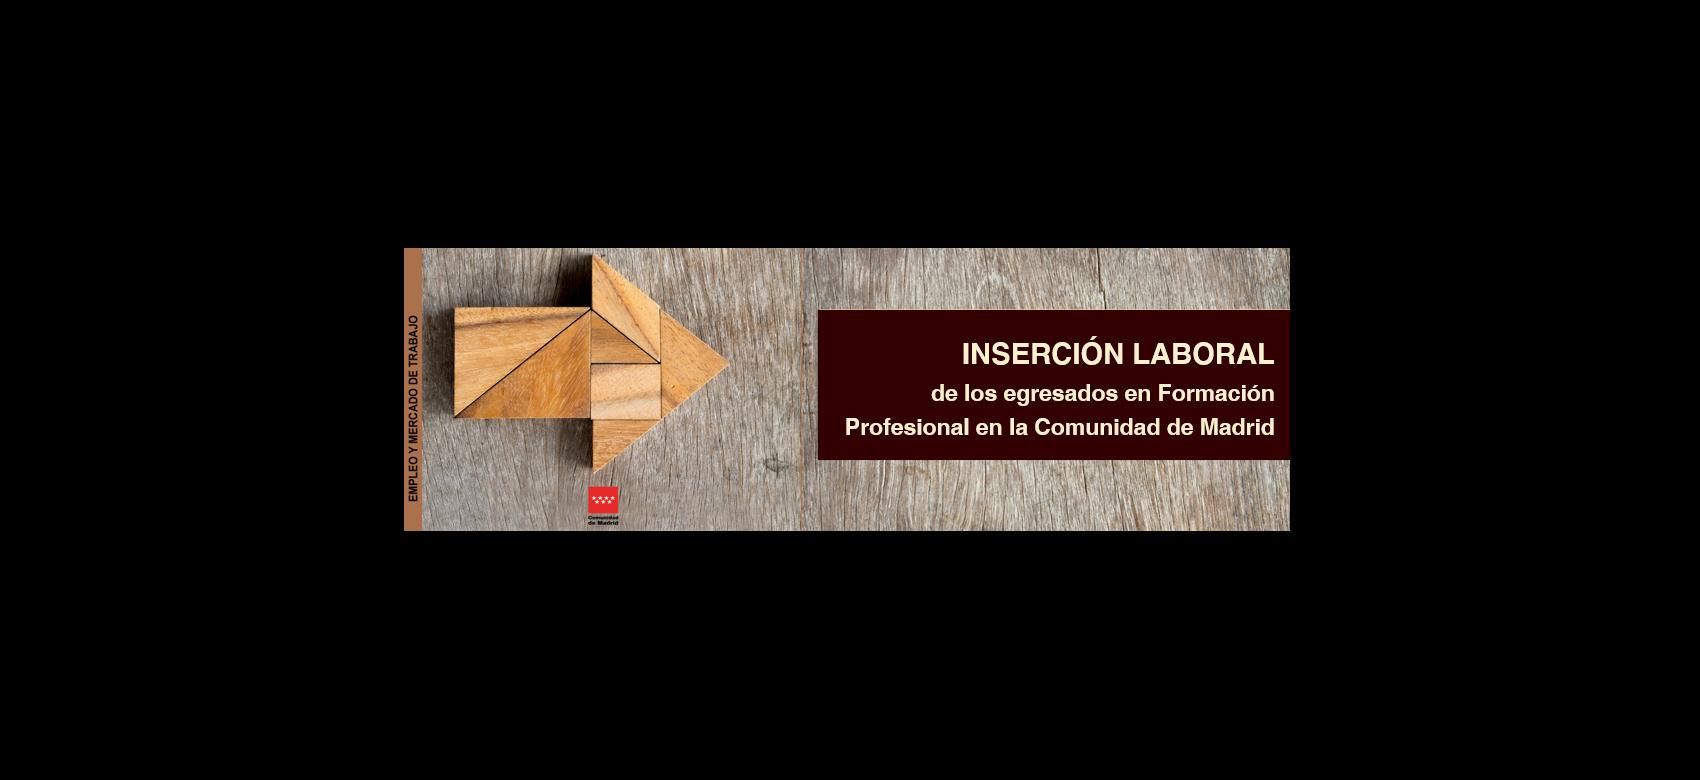 cartel con el texo inserción laboral egresados formación profesional